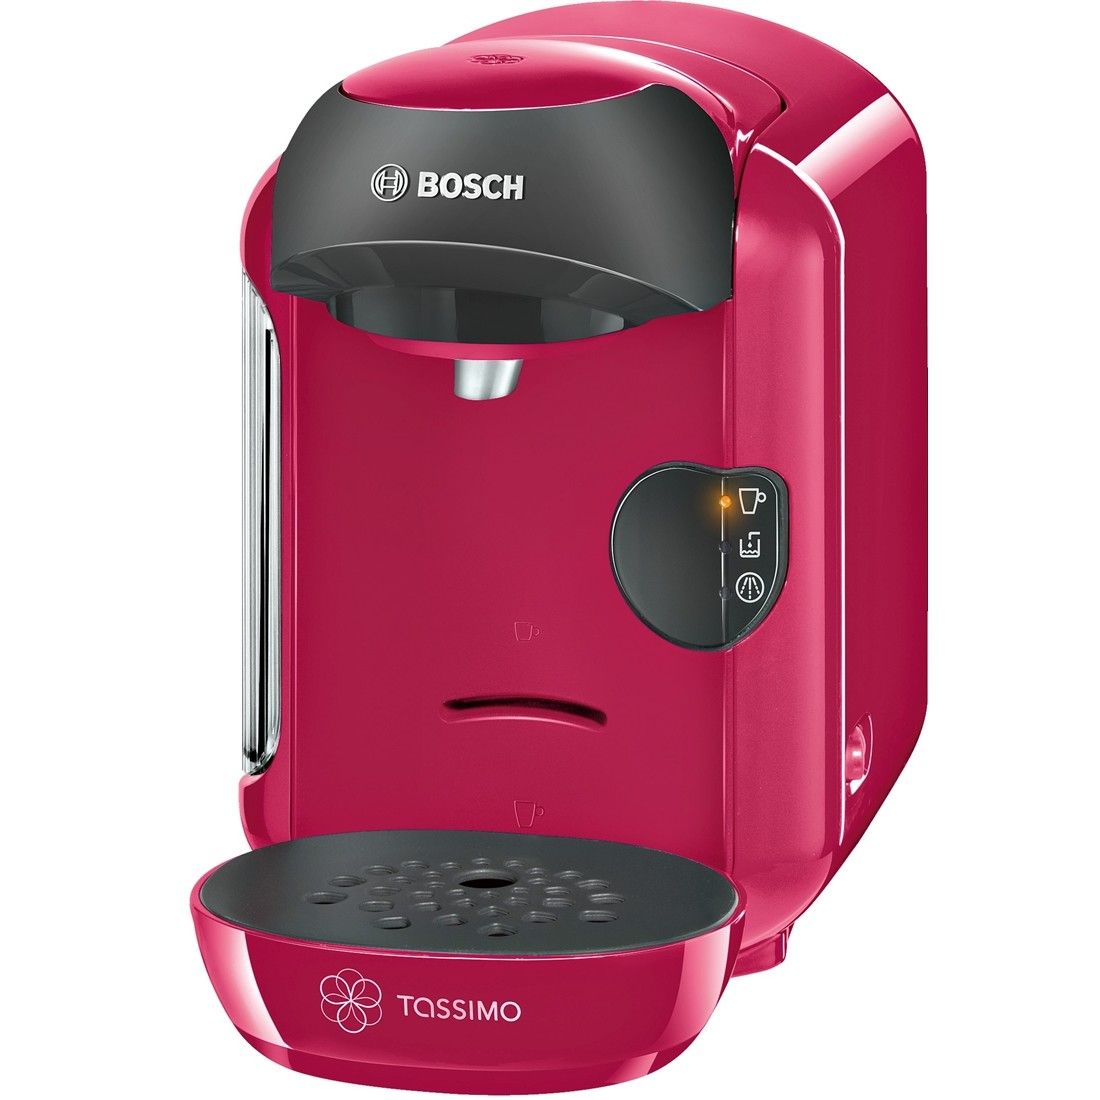 kávovar BOSCH Tassimo TAS1251